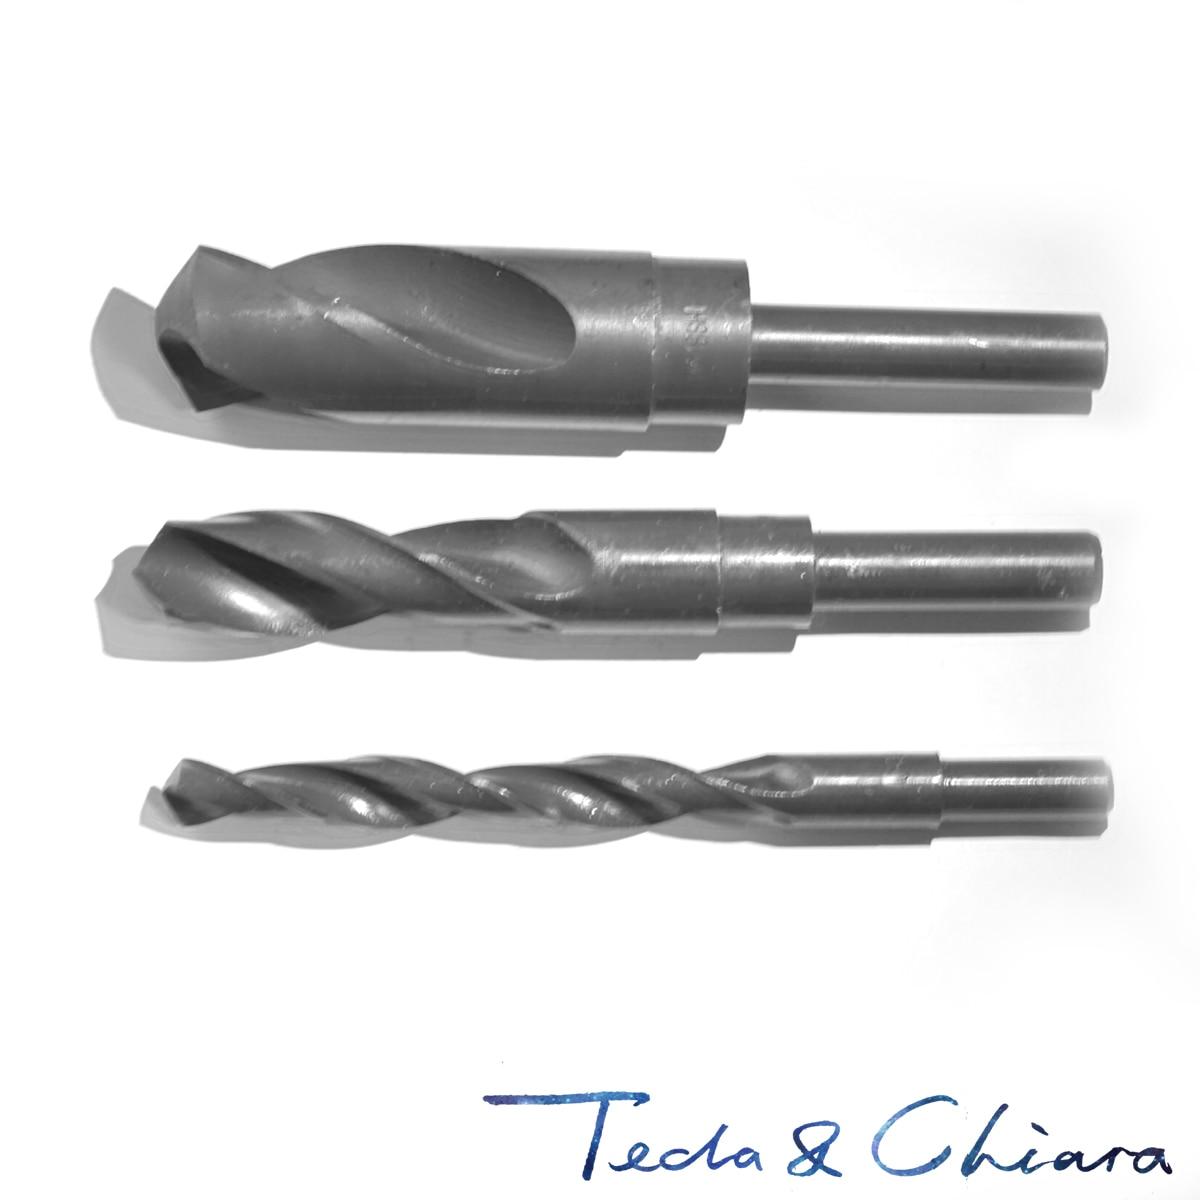 Metal HSS Drill Bits Reduced Shank Drill HSS Bit 13.5-20mm Steel Wood Machining